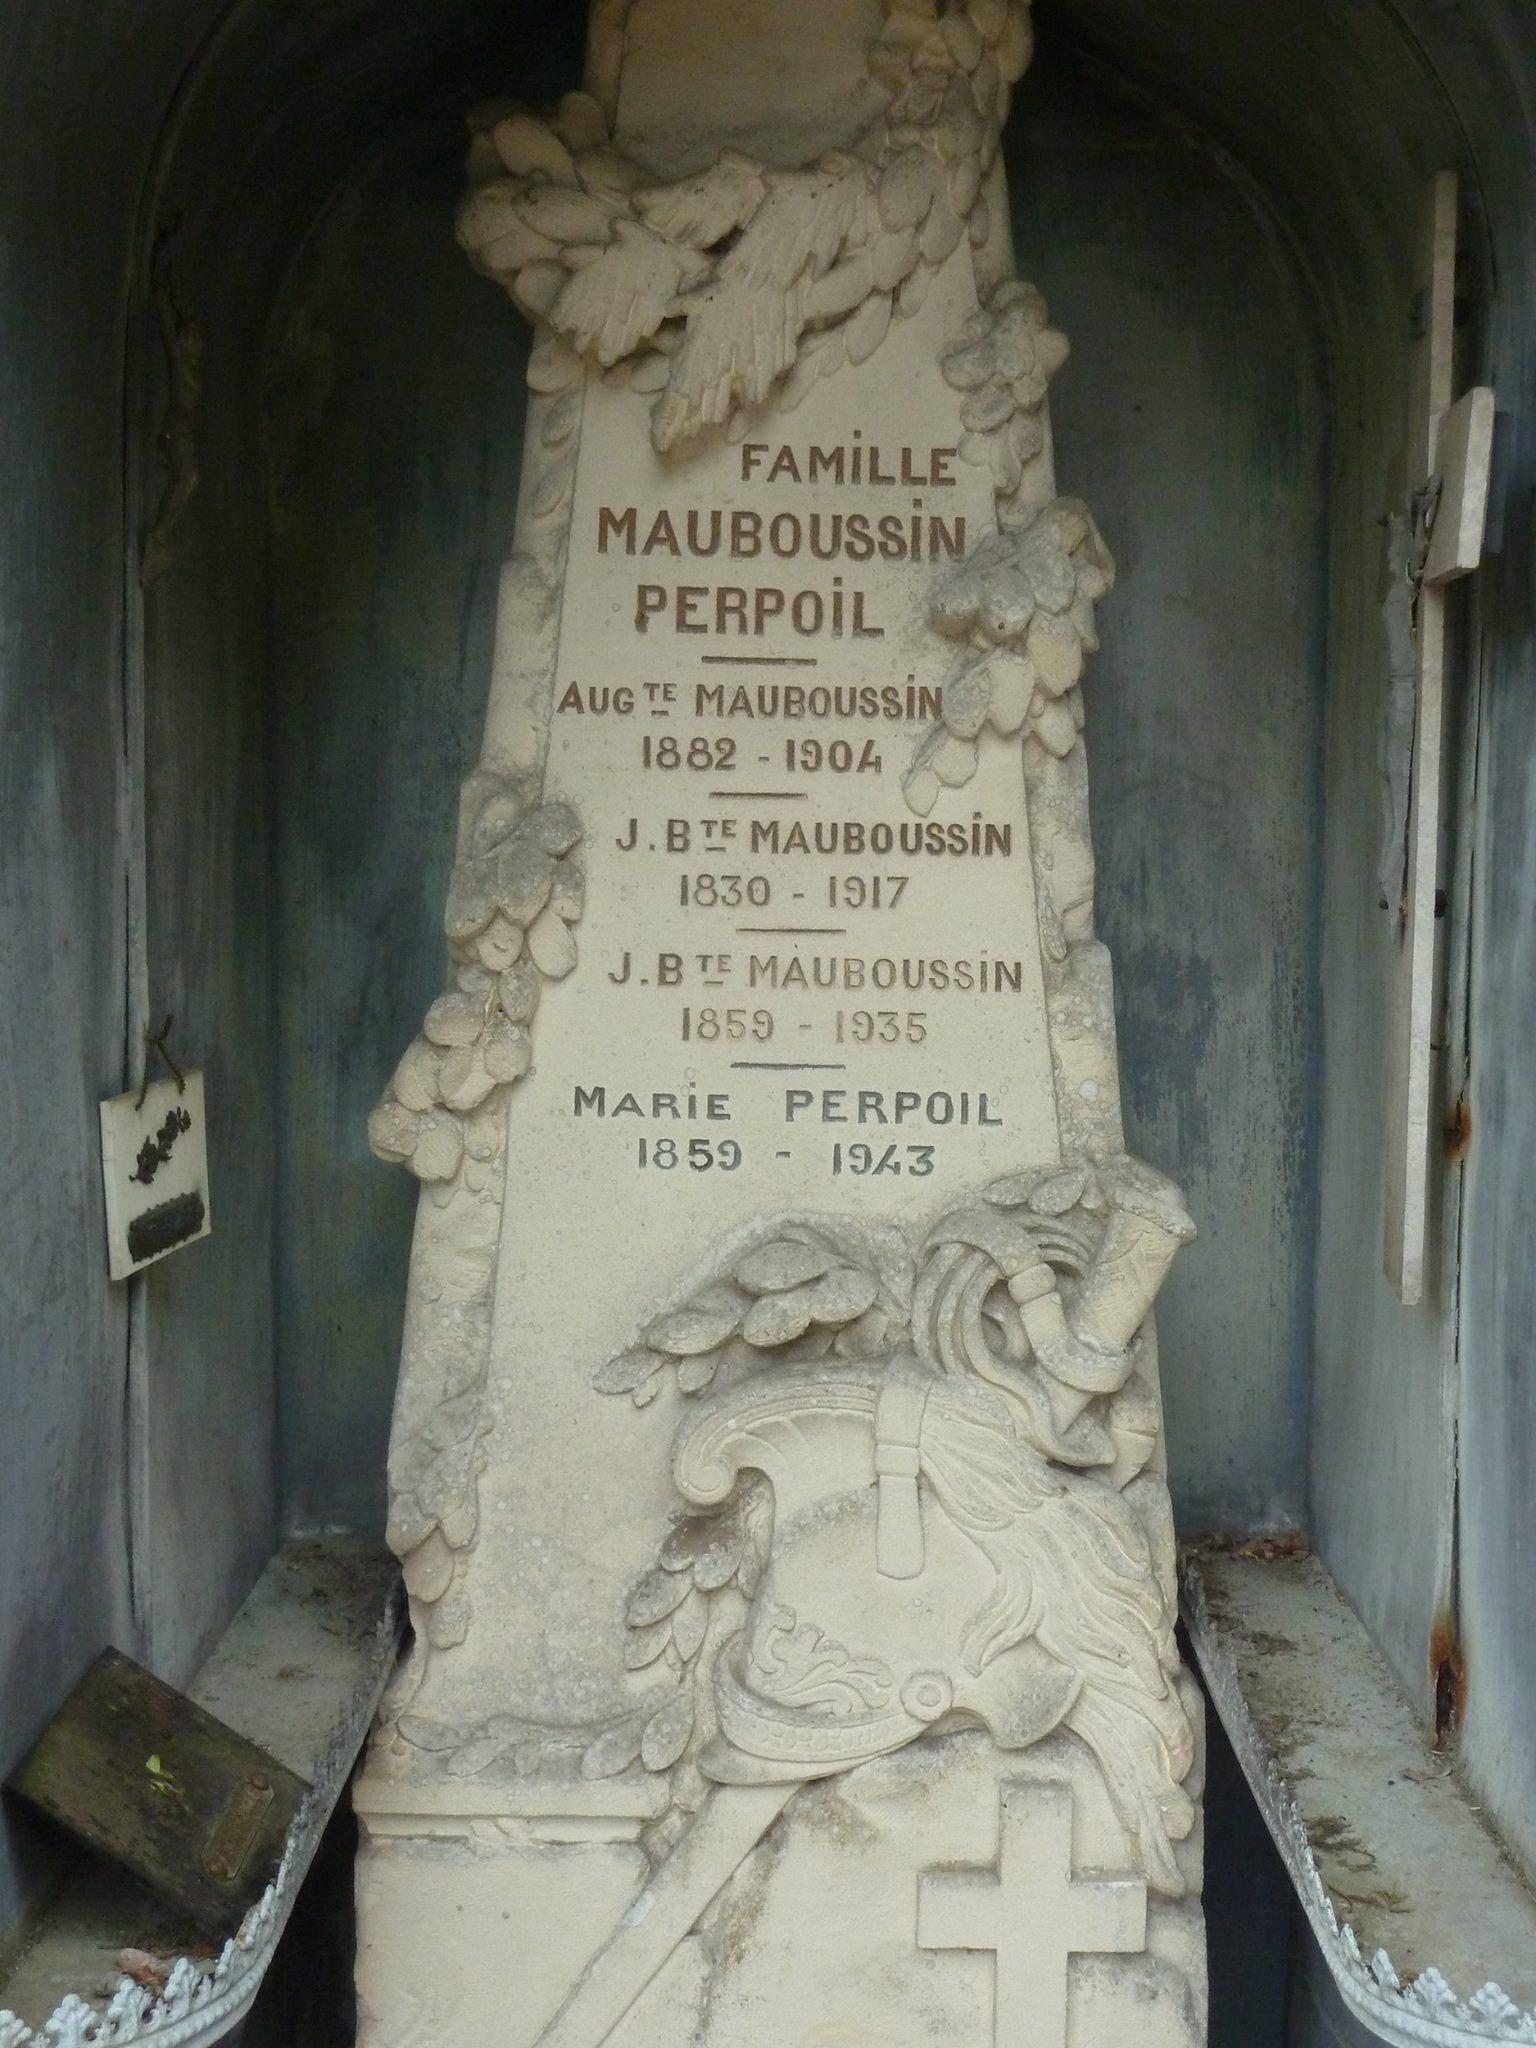 Clermont Créans - Cimetière - Famille MAUBOUSSIN-PERPOIL - MAUBOUSSIN Auguste - MAUBOUSSIN Jean-Baptiste - MAUBOUSSIN Jean-Baptiste et PERPOIL Marie (Loïc Prémartin)